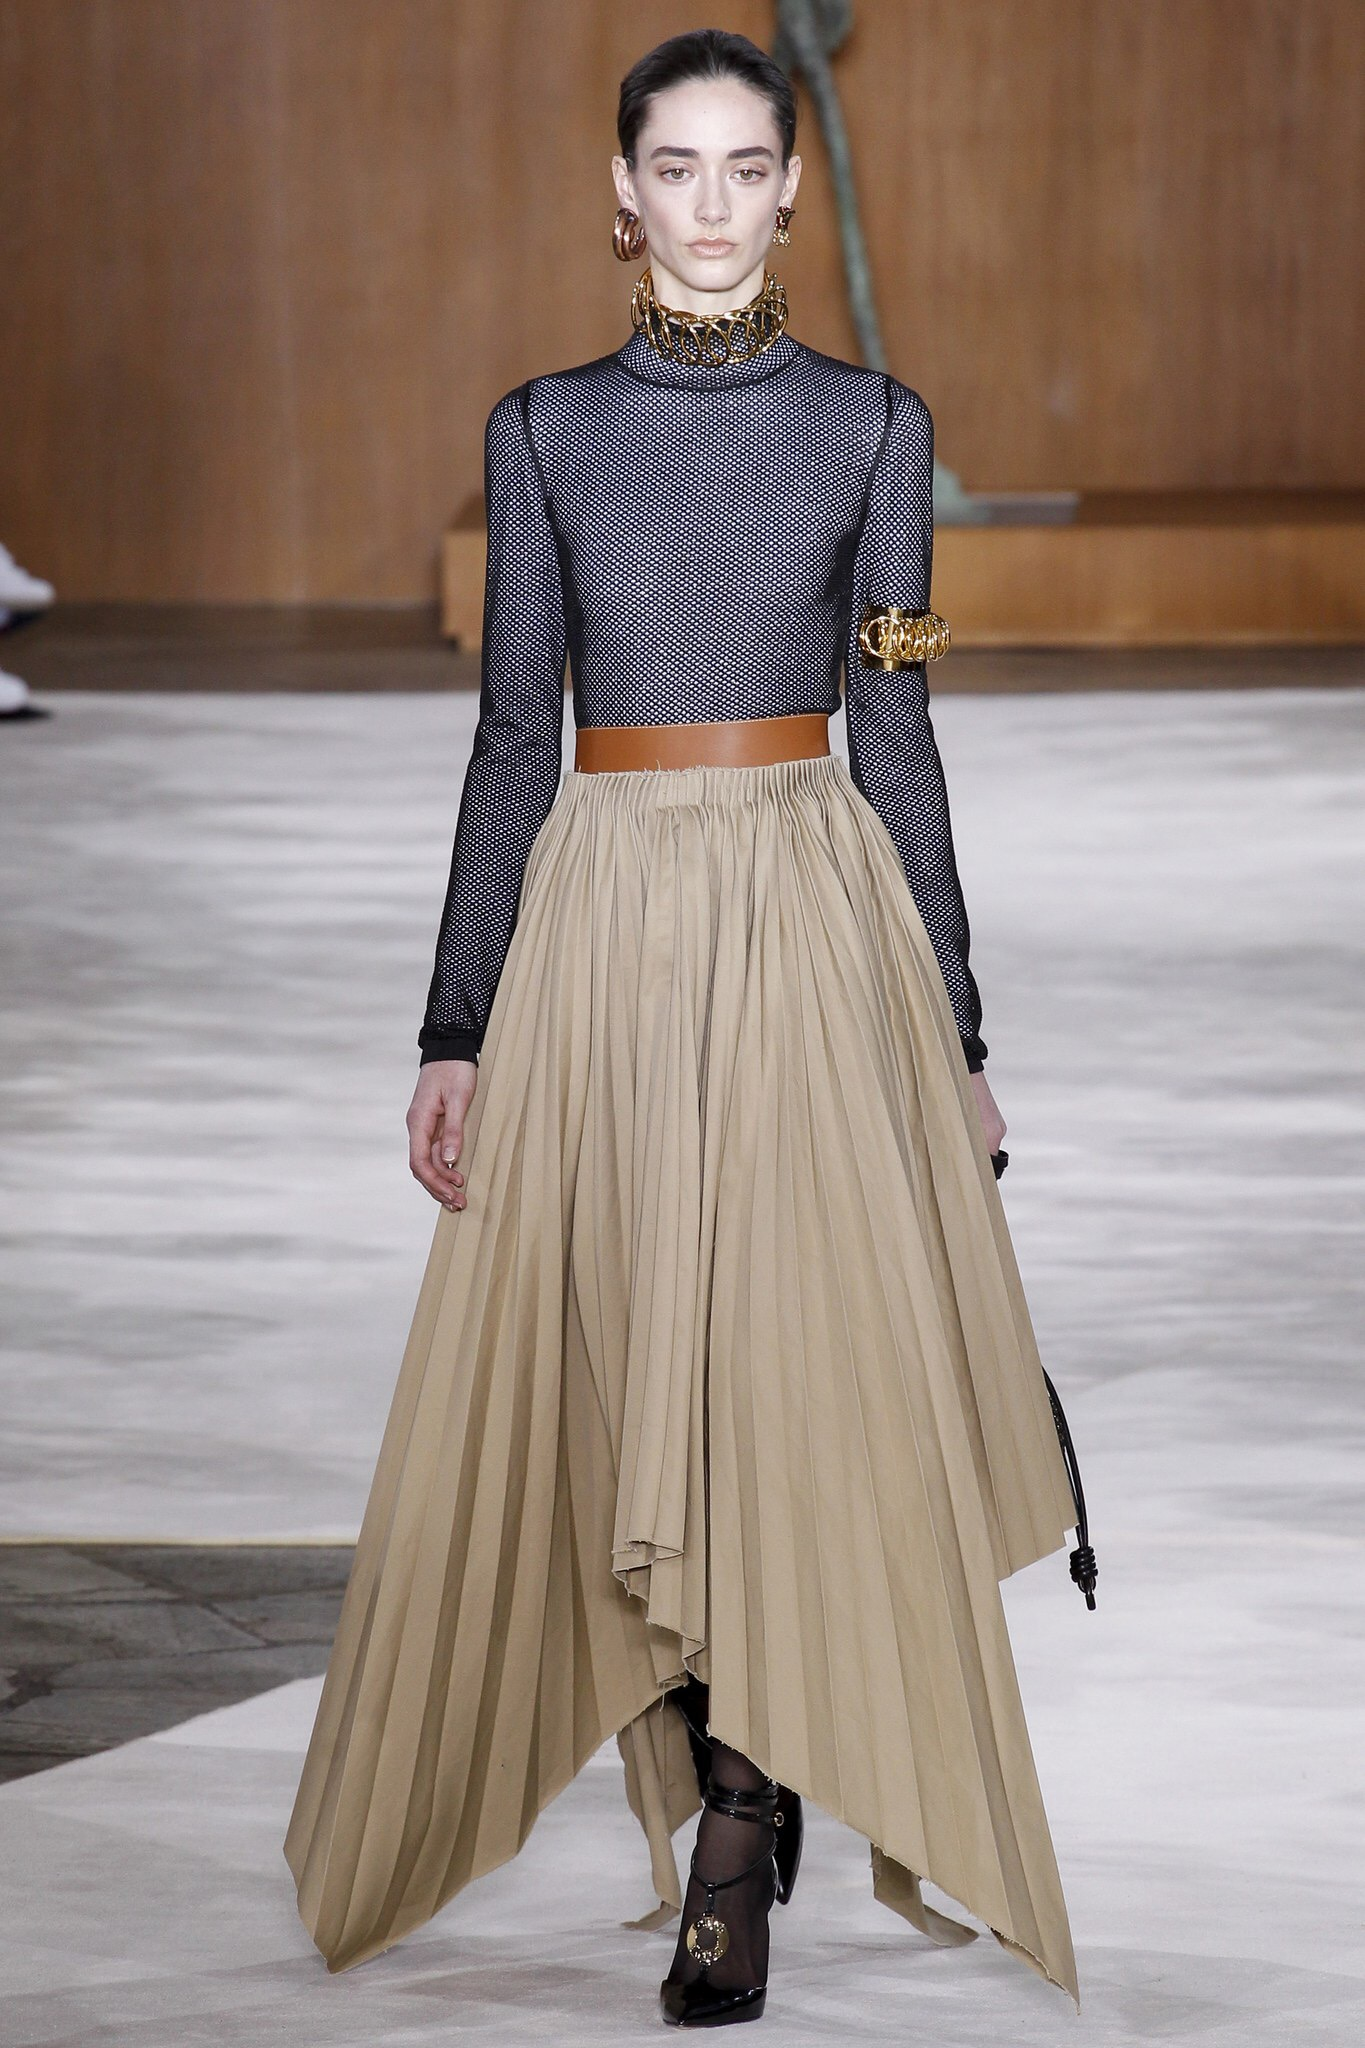 Loewe FALL 2016 Paris Fashion Week